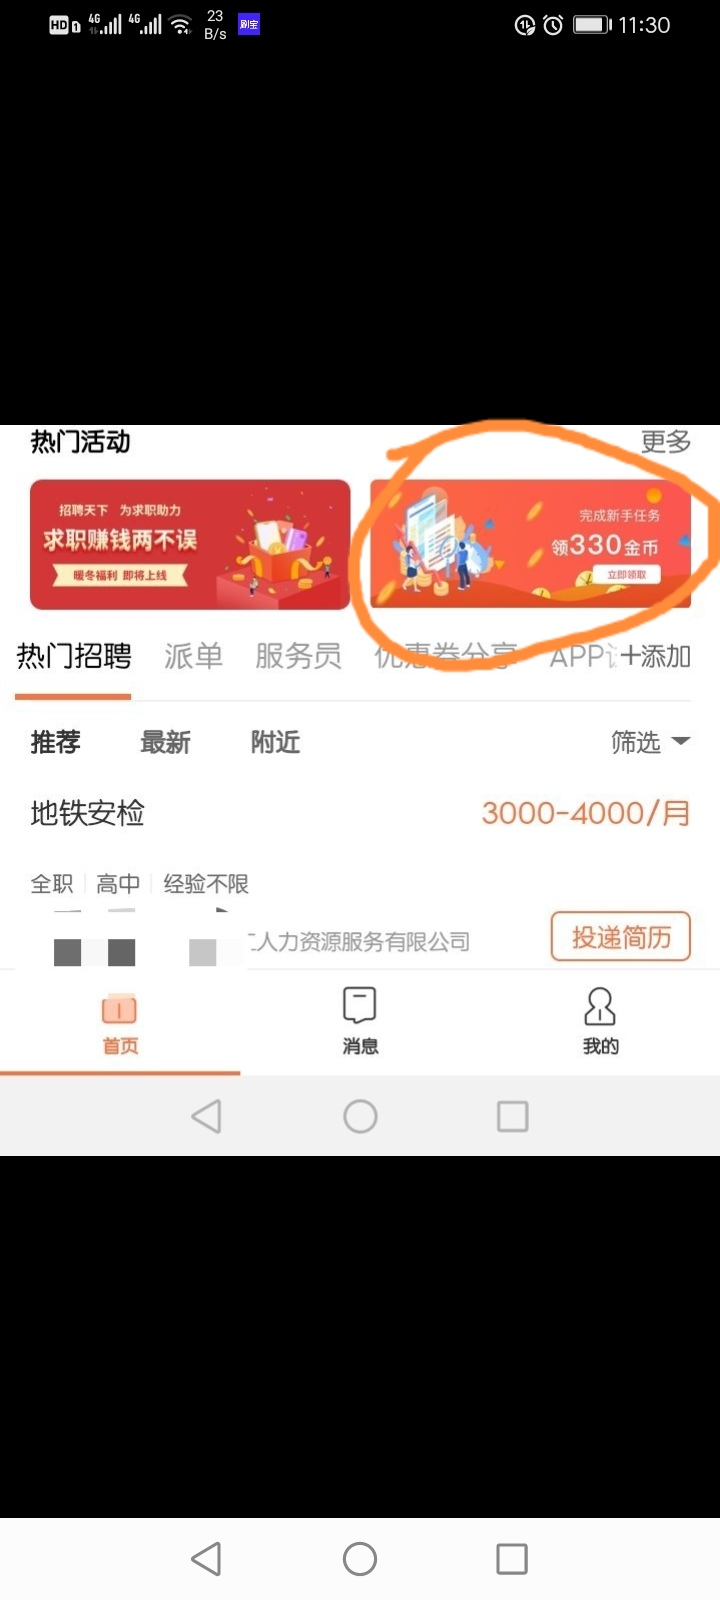 图片[2]-招聘天下app白嫖2元-老友薅羊毛活动线报网